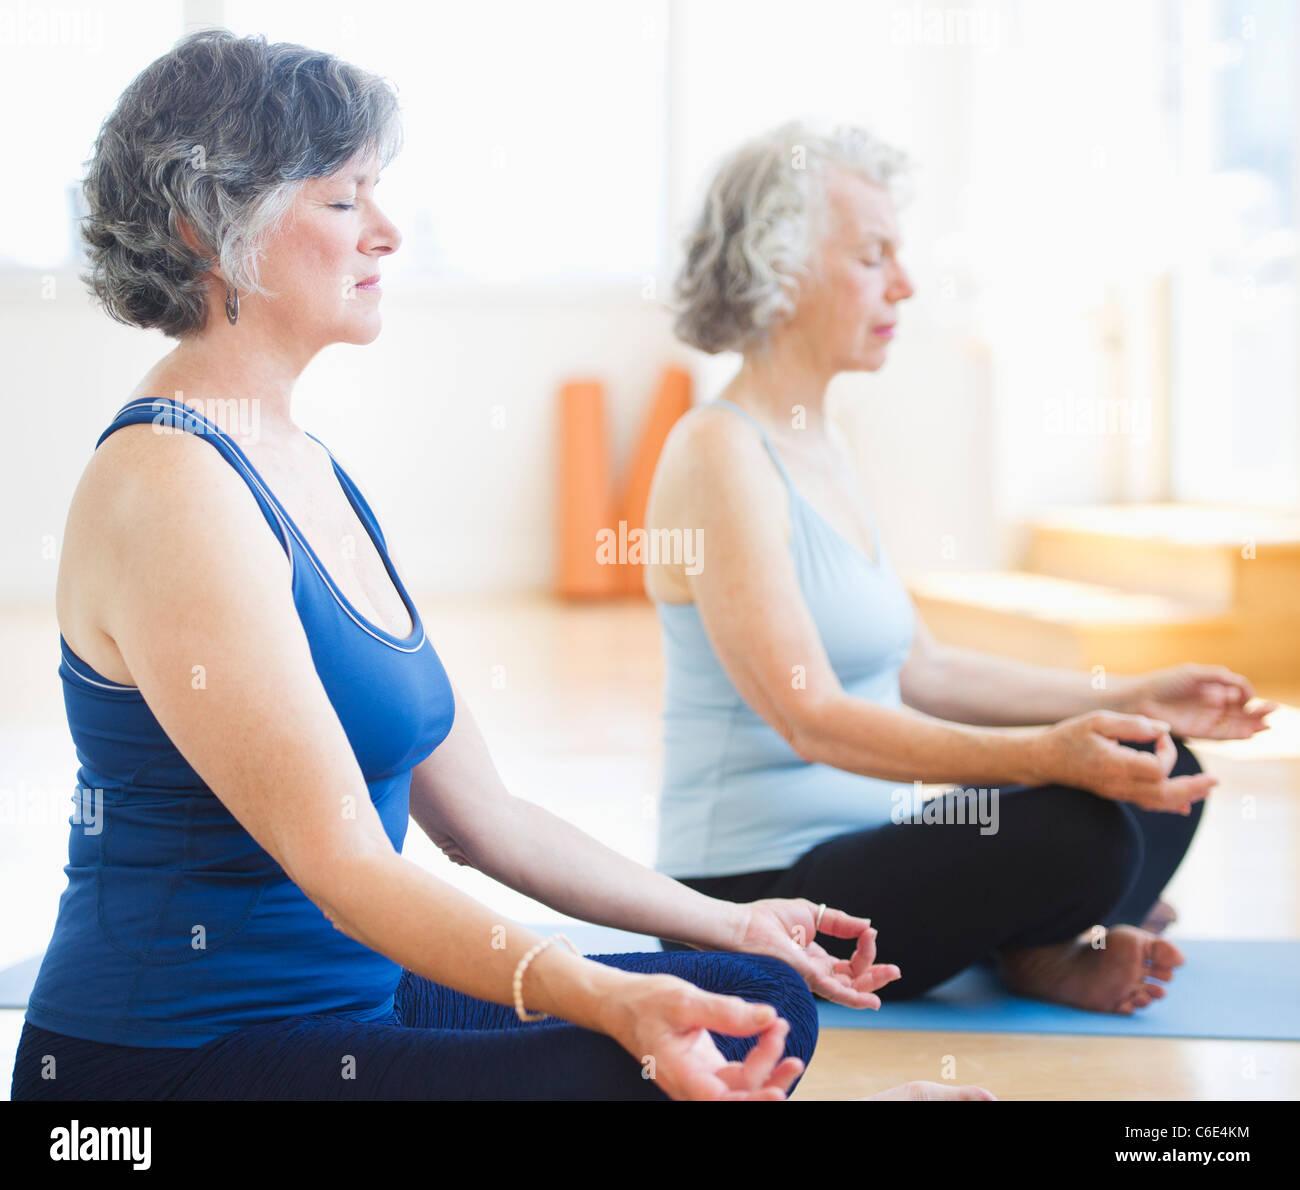 Los Estados Unidos, Nueva Jersey, Jersey City, dos mujeres de edad practicando yoga Imagen De Stock